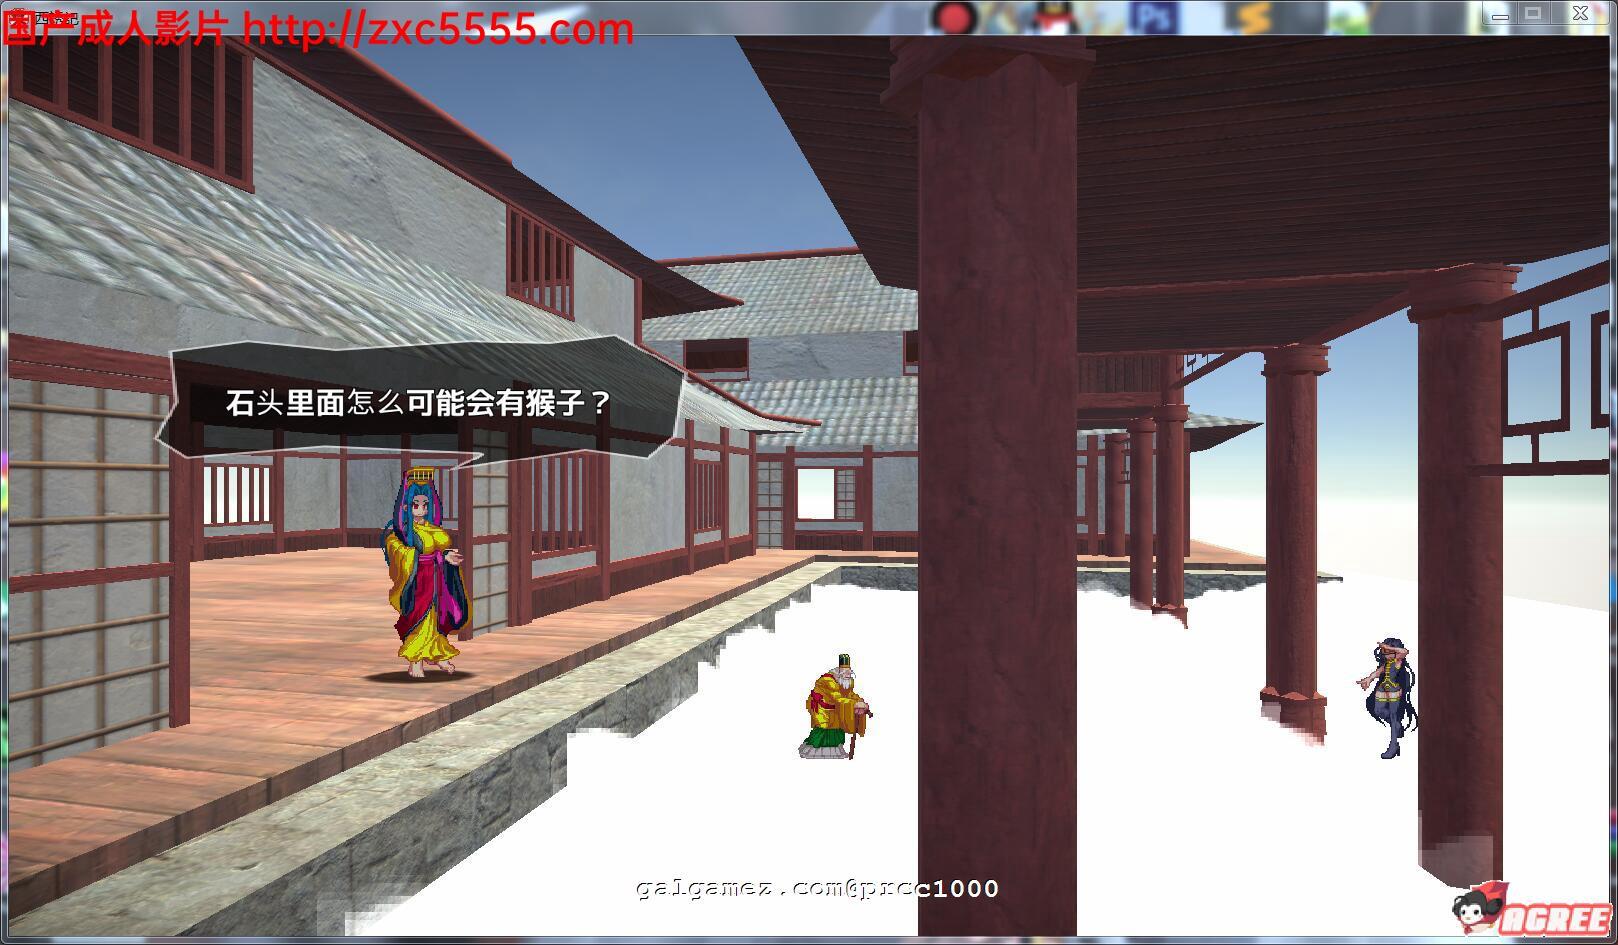 [ACT/汉化/全动态/1.4G]西诱记:和三藏的旅途之始 完整汉化版